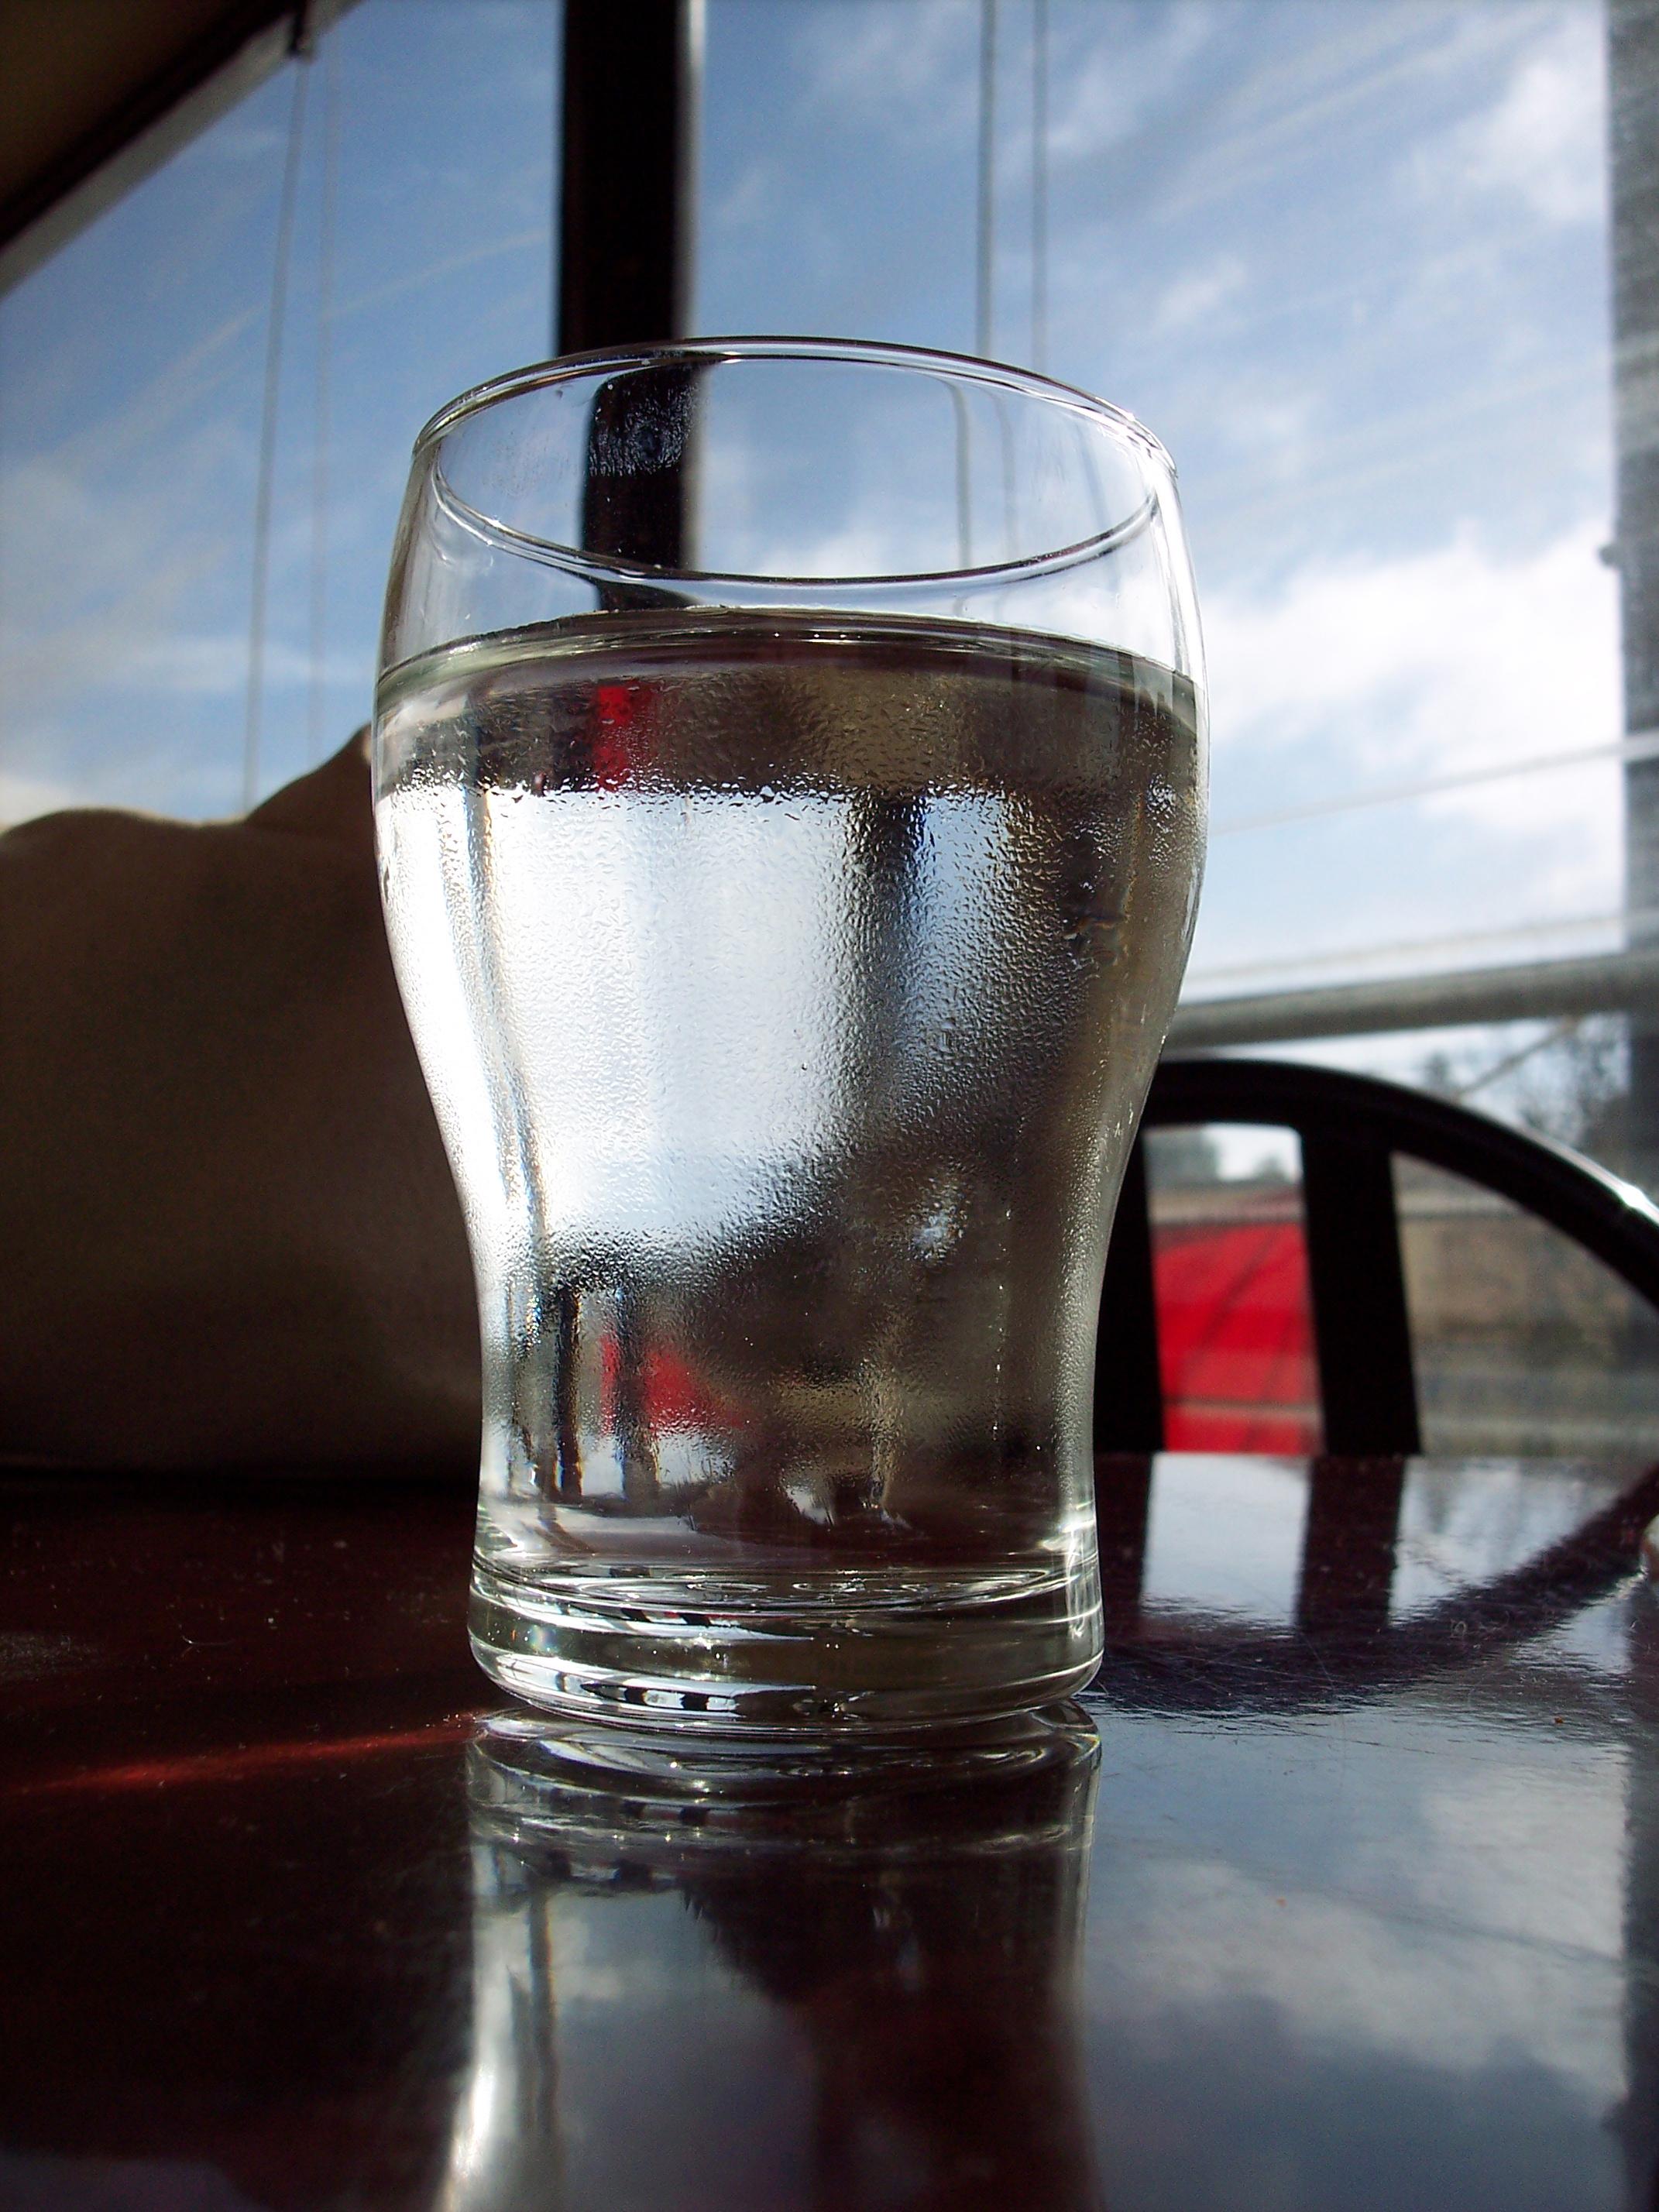 nauke glass of water cool liquid refreshment